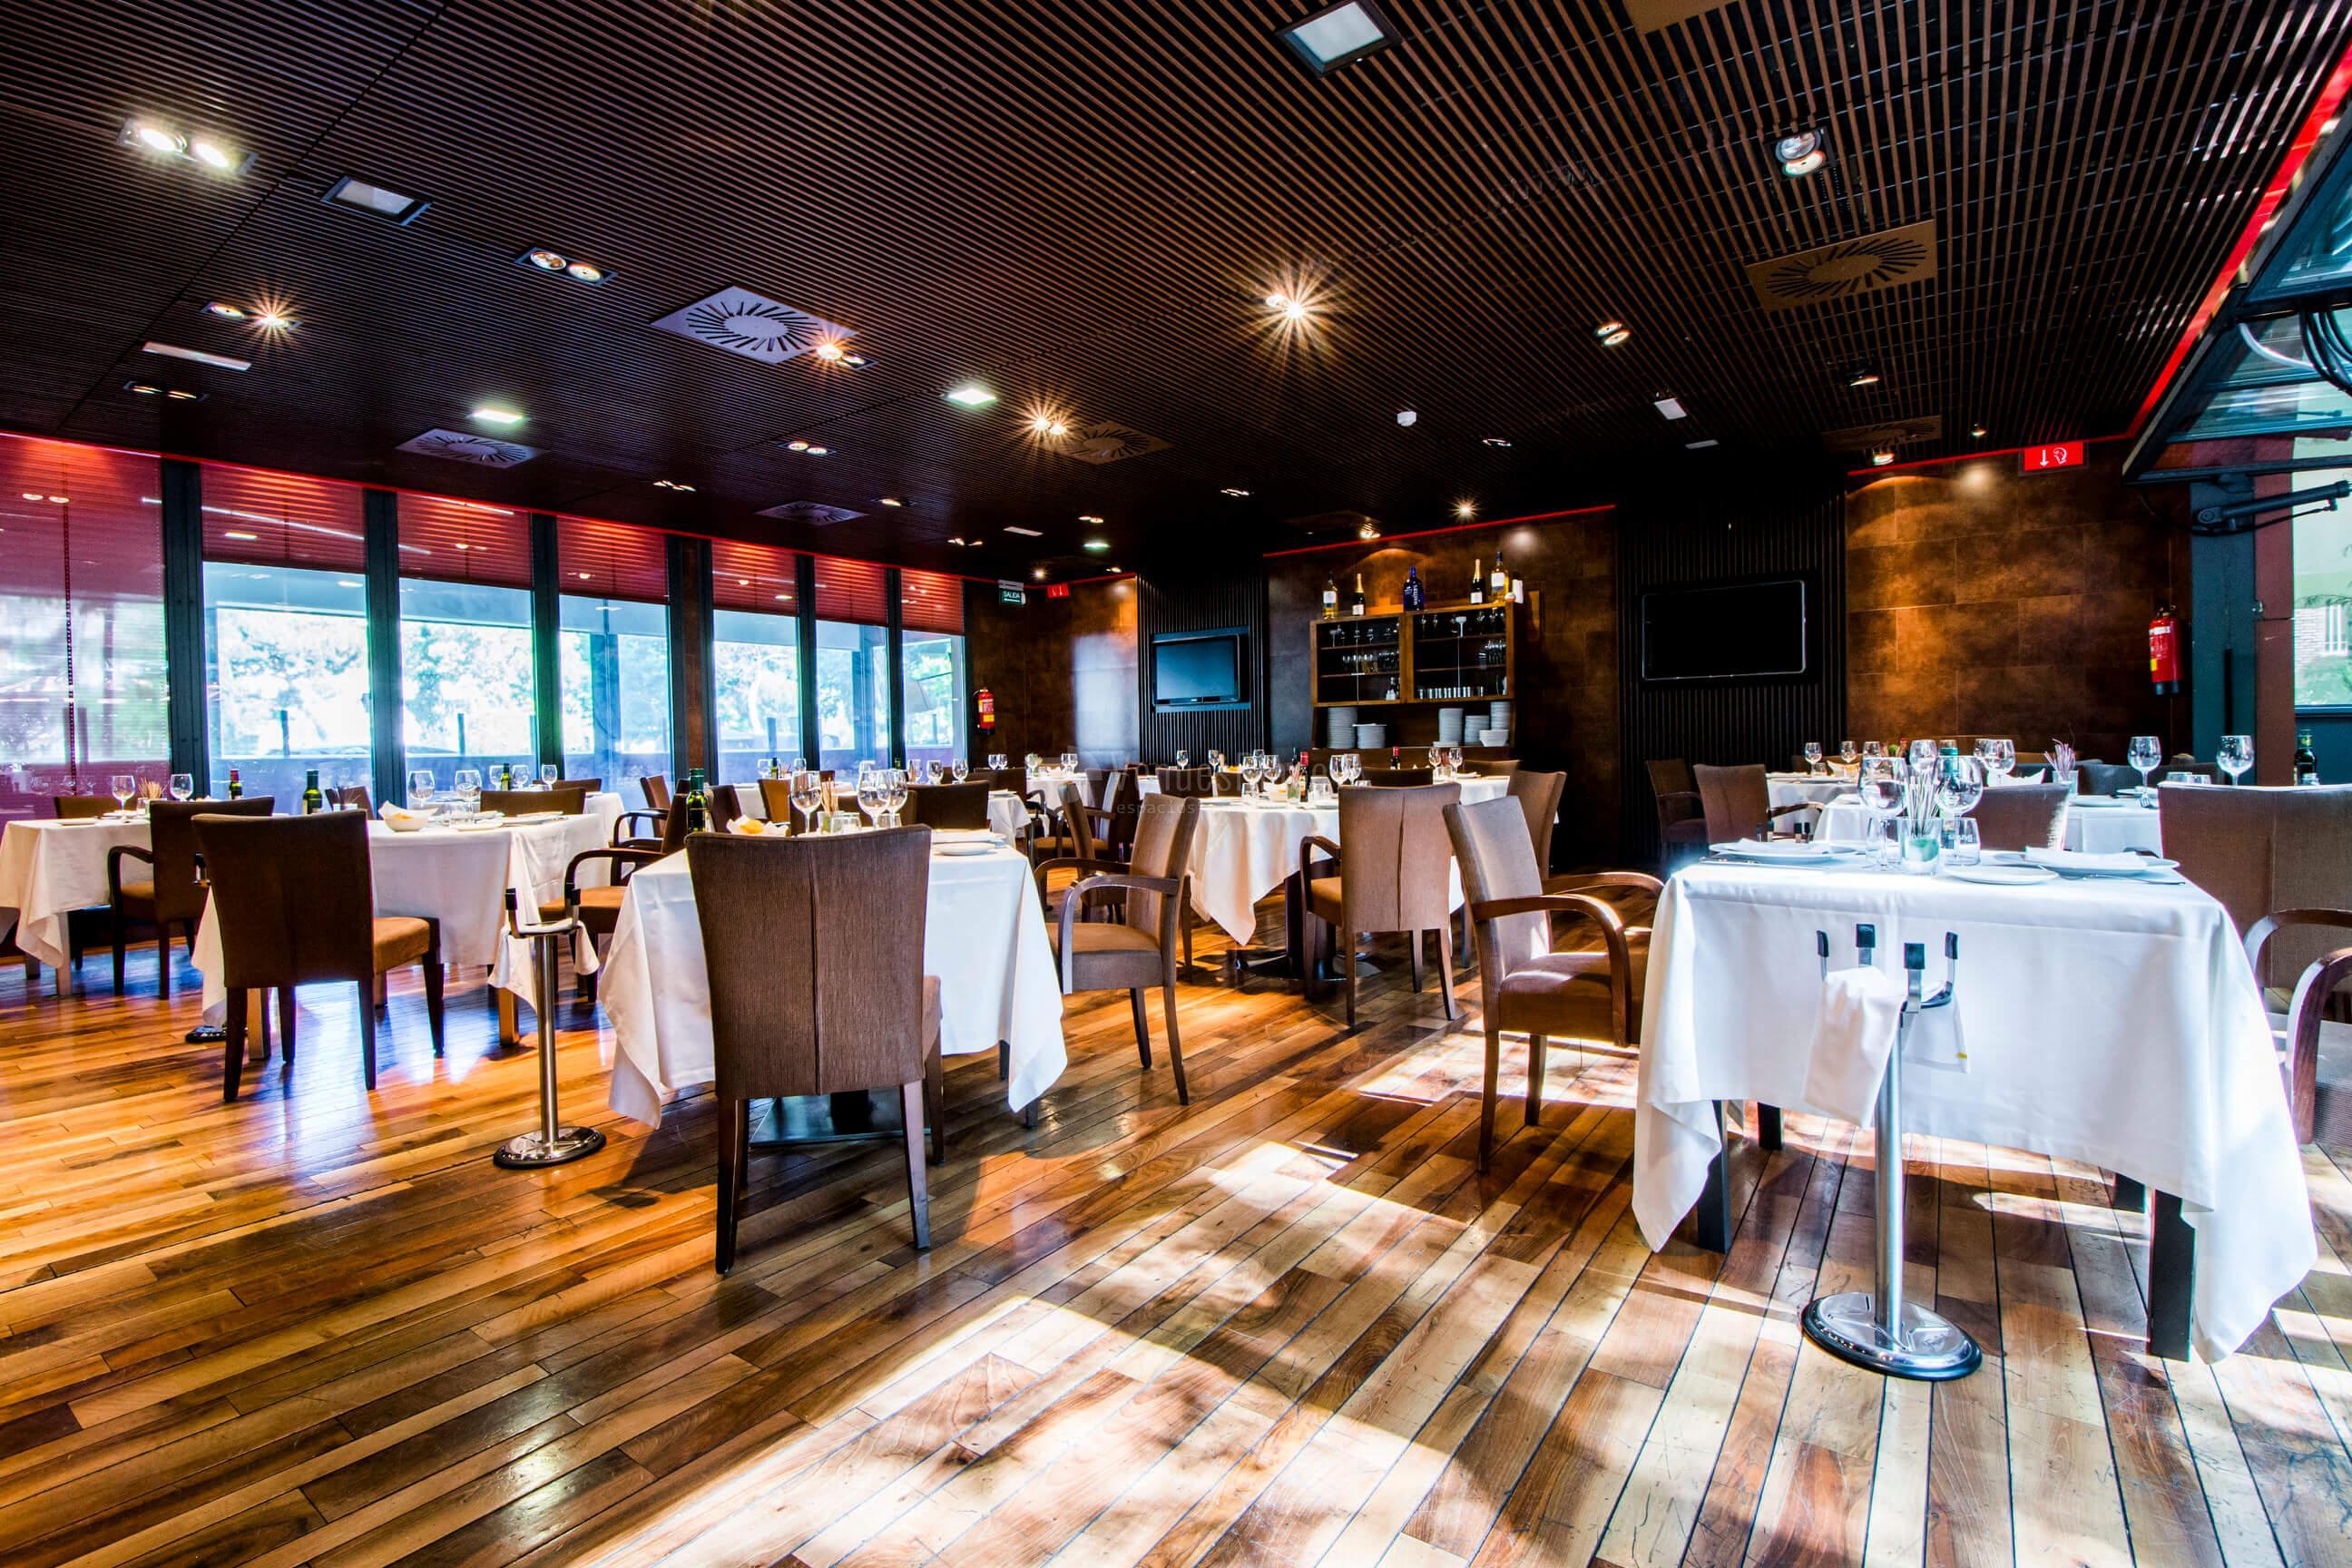 Espacios únicos para eventos sociales y de empresa en Restaurante Casa Narcisa Business Area Madrid - Grupo La Máquina